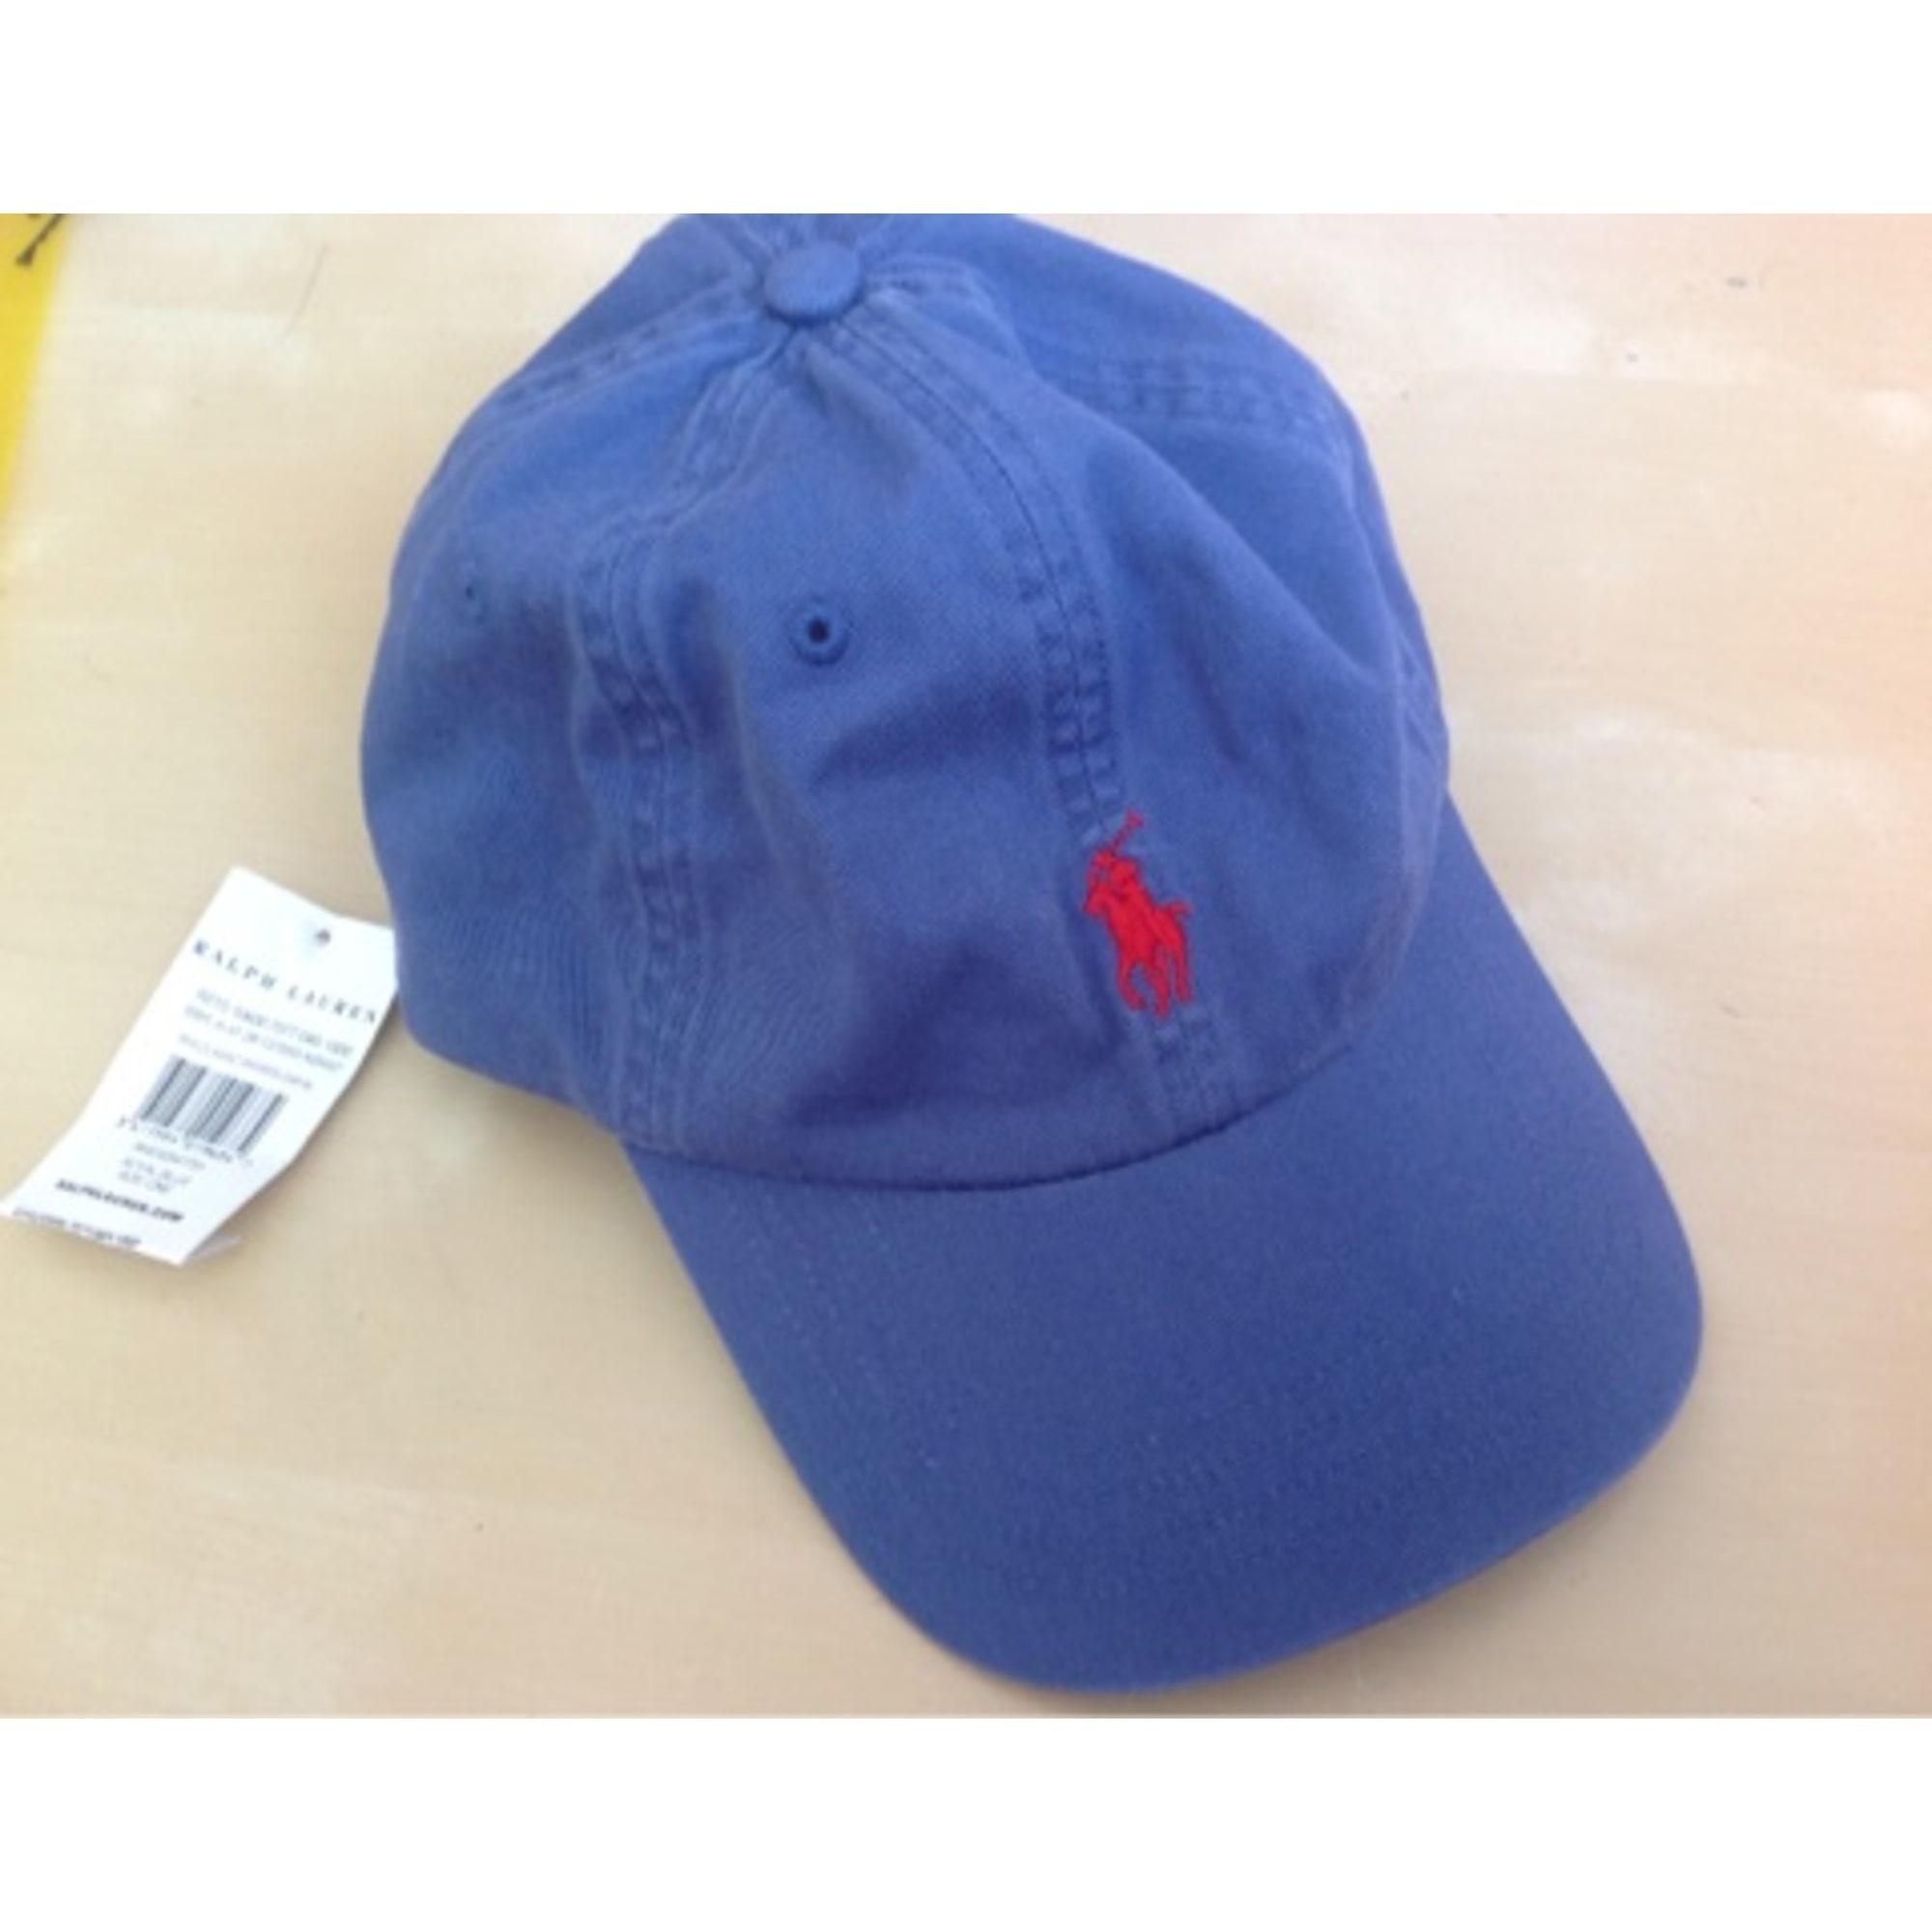 Casquette RALPH LAUREN Bleu, bleu marine, bleu turquoise 42d28a69da3